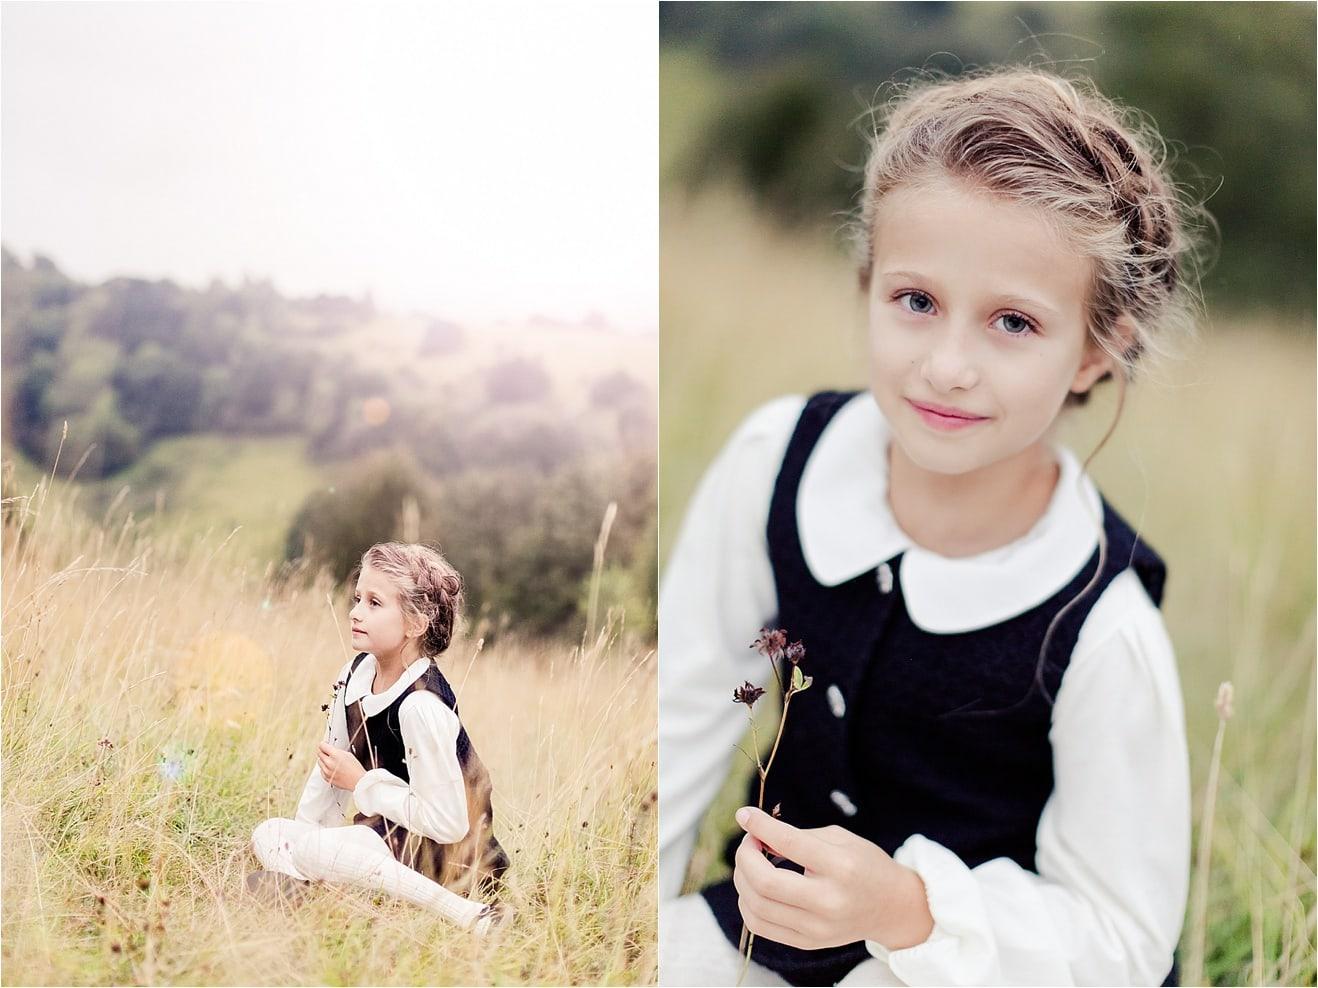 066_PLEASECREDIT-eddie-judd-photography-pierre-carr-styling-babiekins-WEBSIZE